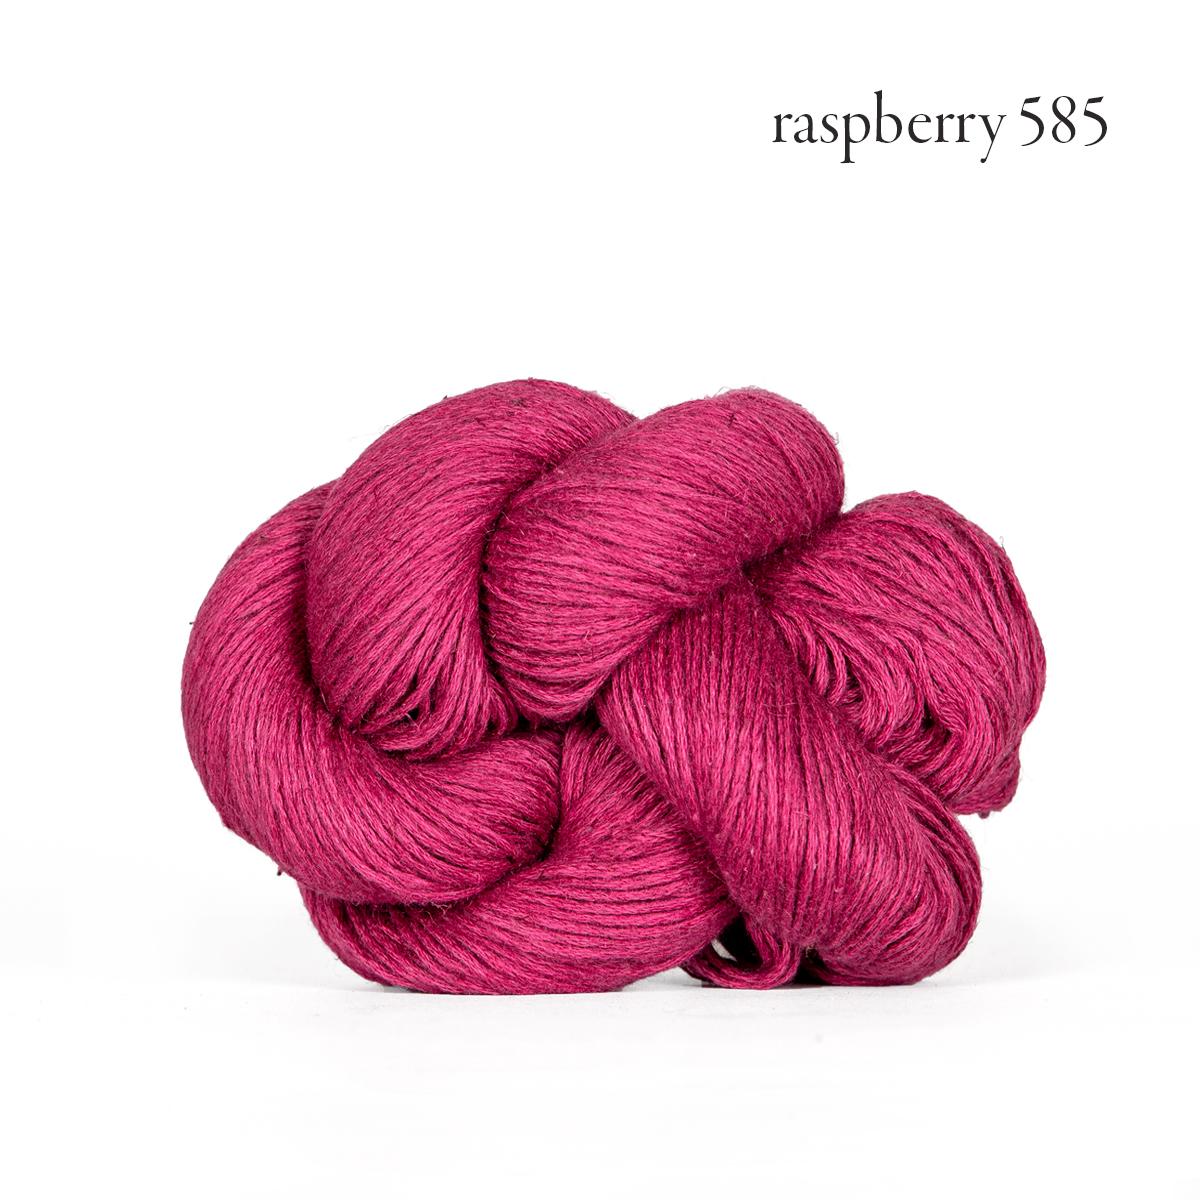 mojave raspberry 585.jpg